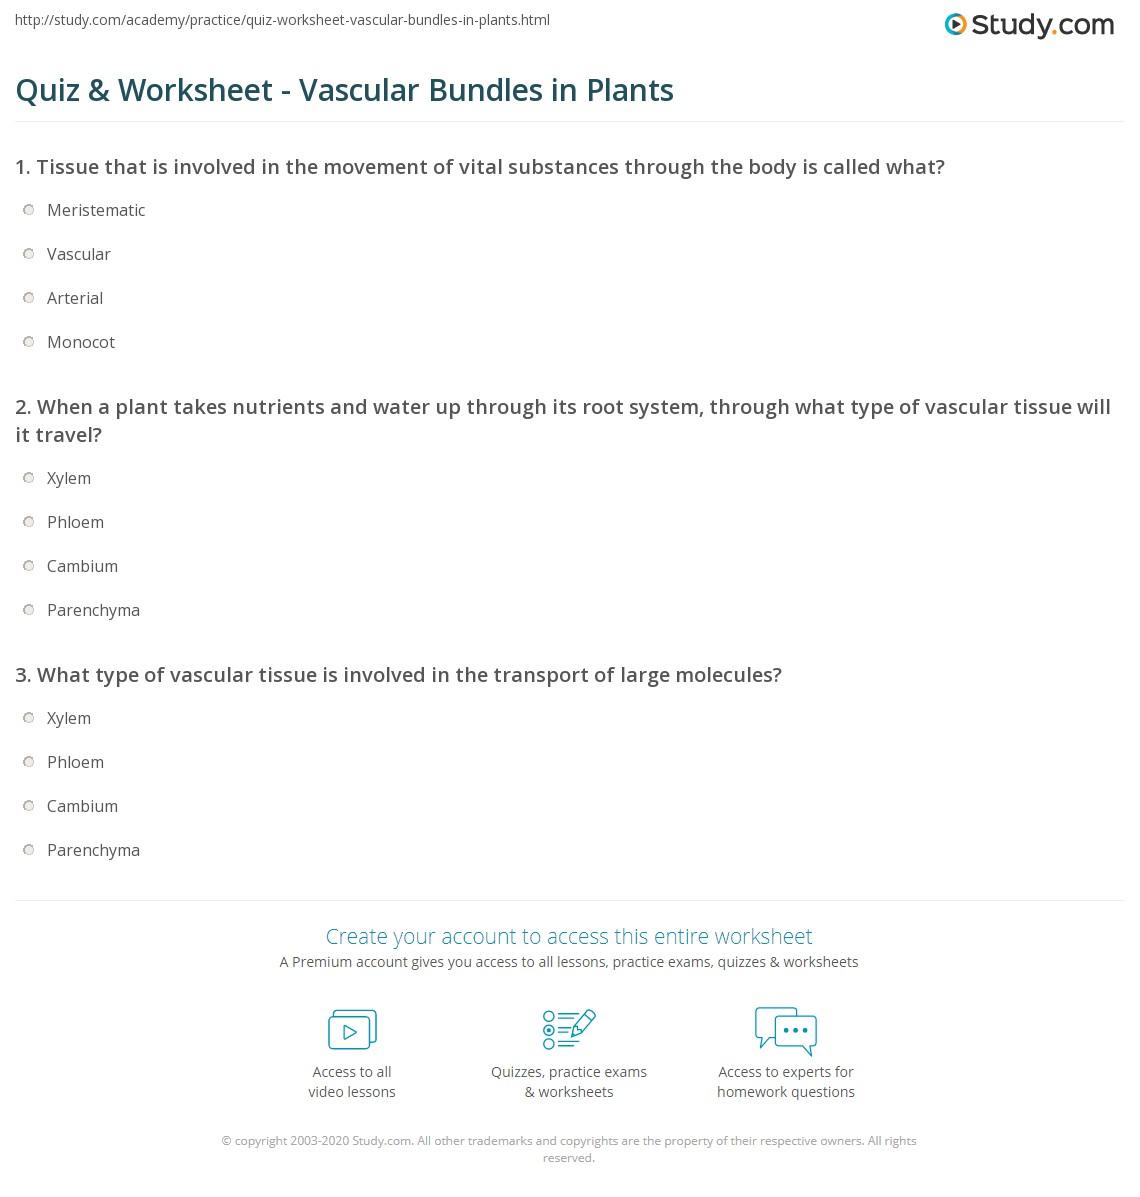 Worksheet On Vascular Tissue In Plants